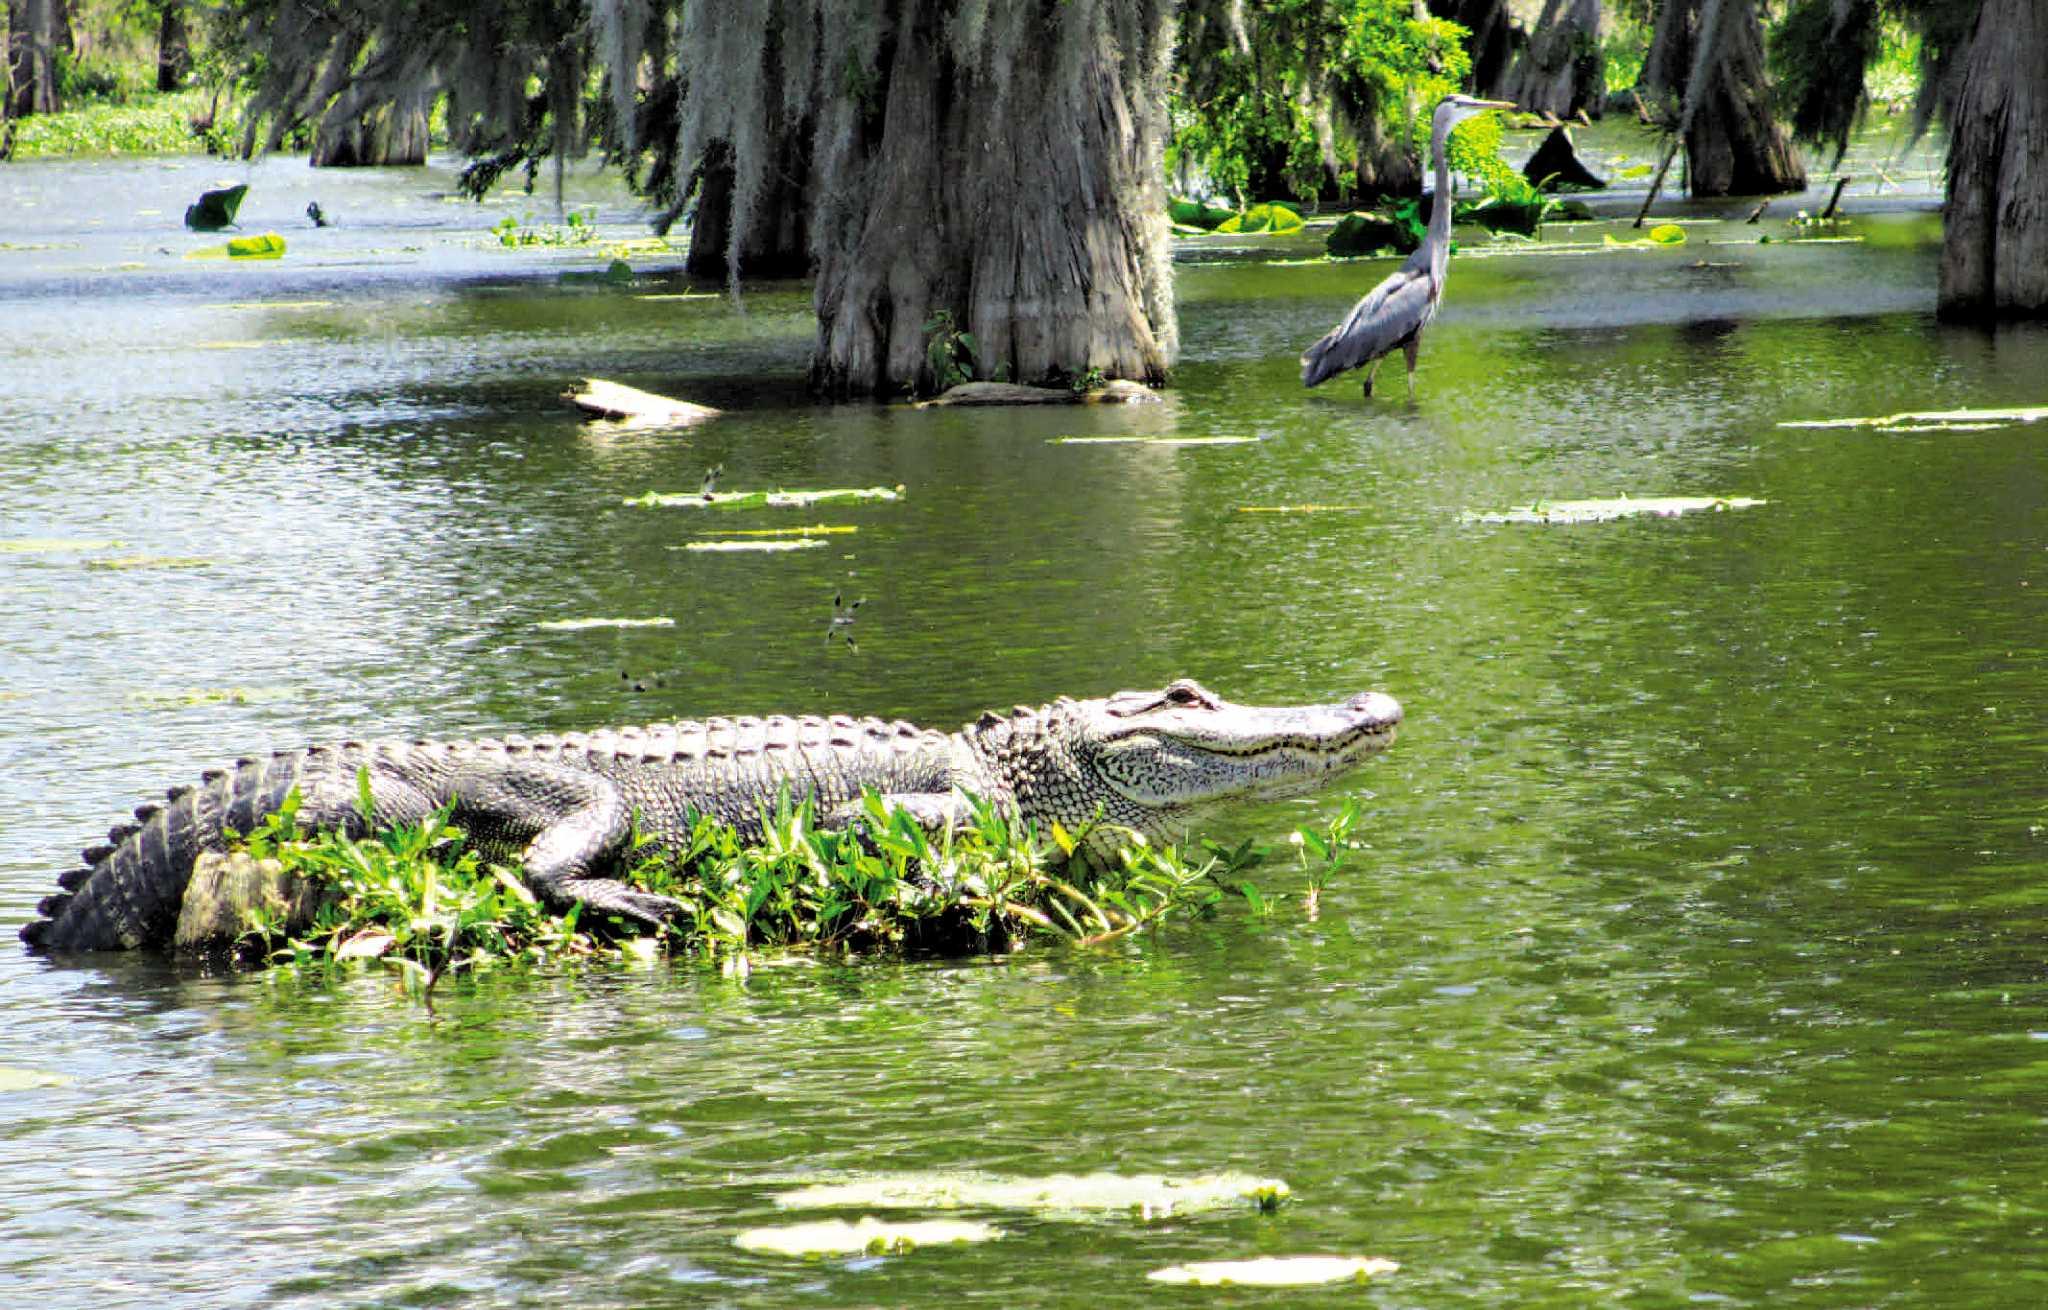 Louisiana Swamp Tour San Antonio Express News